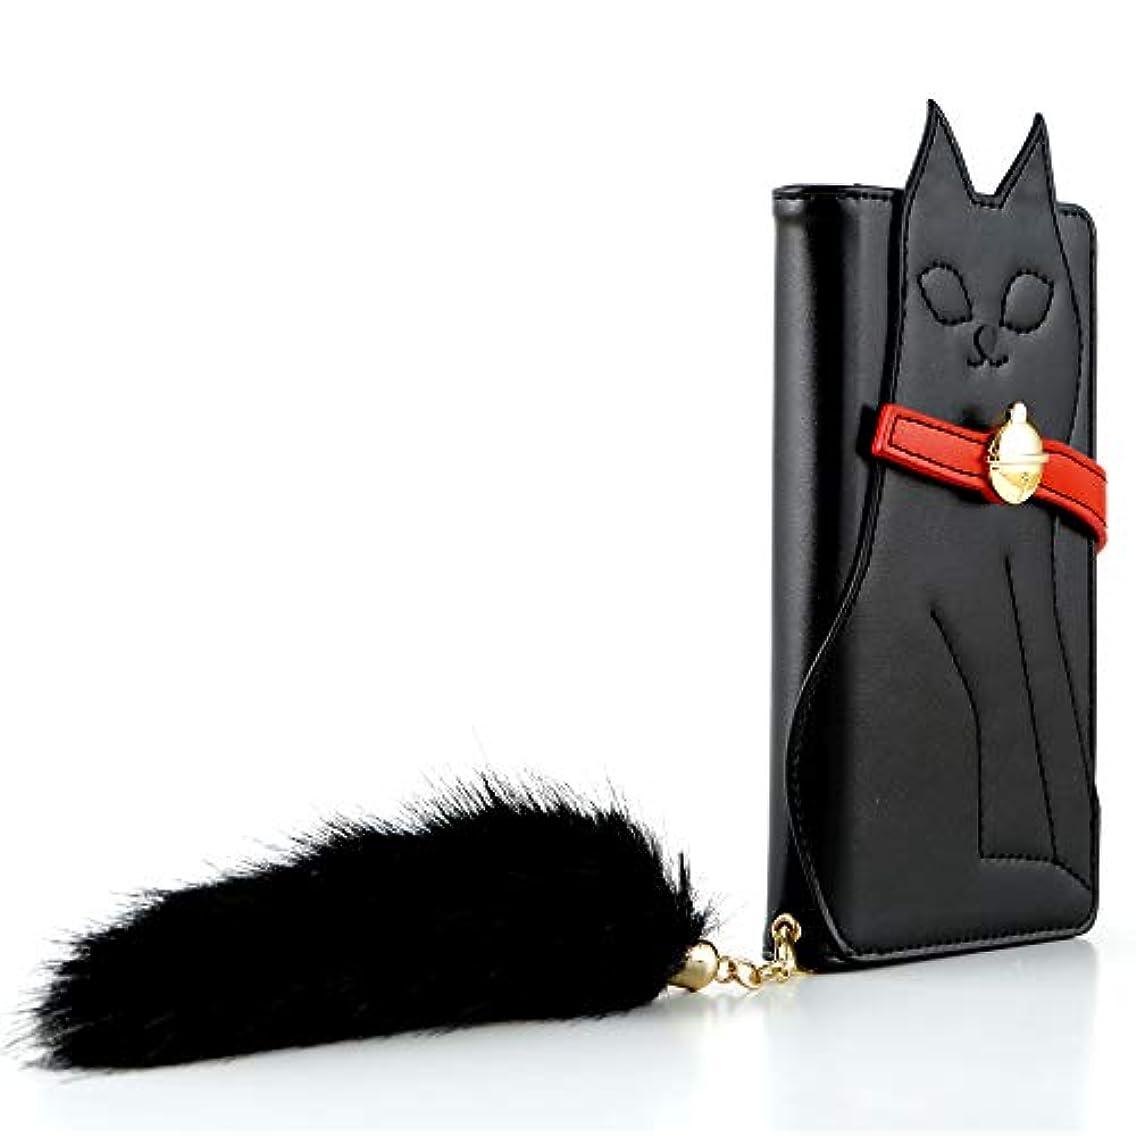 罪予備木【NORTH LEAF】 iPhone XS Max 手帳型 ケース カバー 猫 ねこ スマホケース スマートフォンケース (黒ネコ) ixsm-ne1